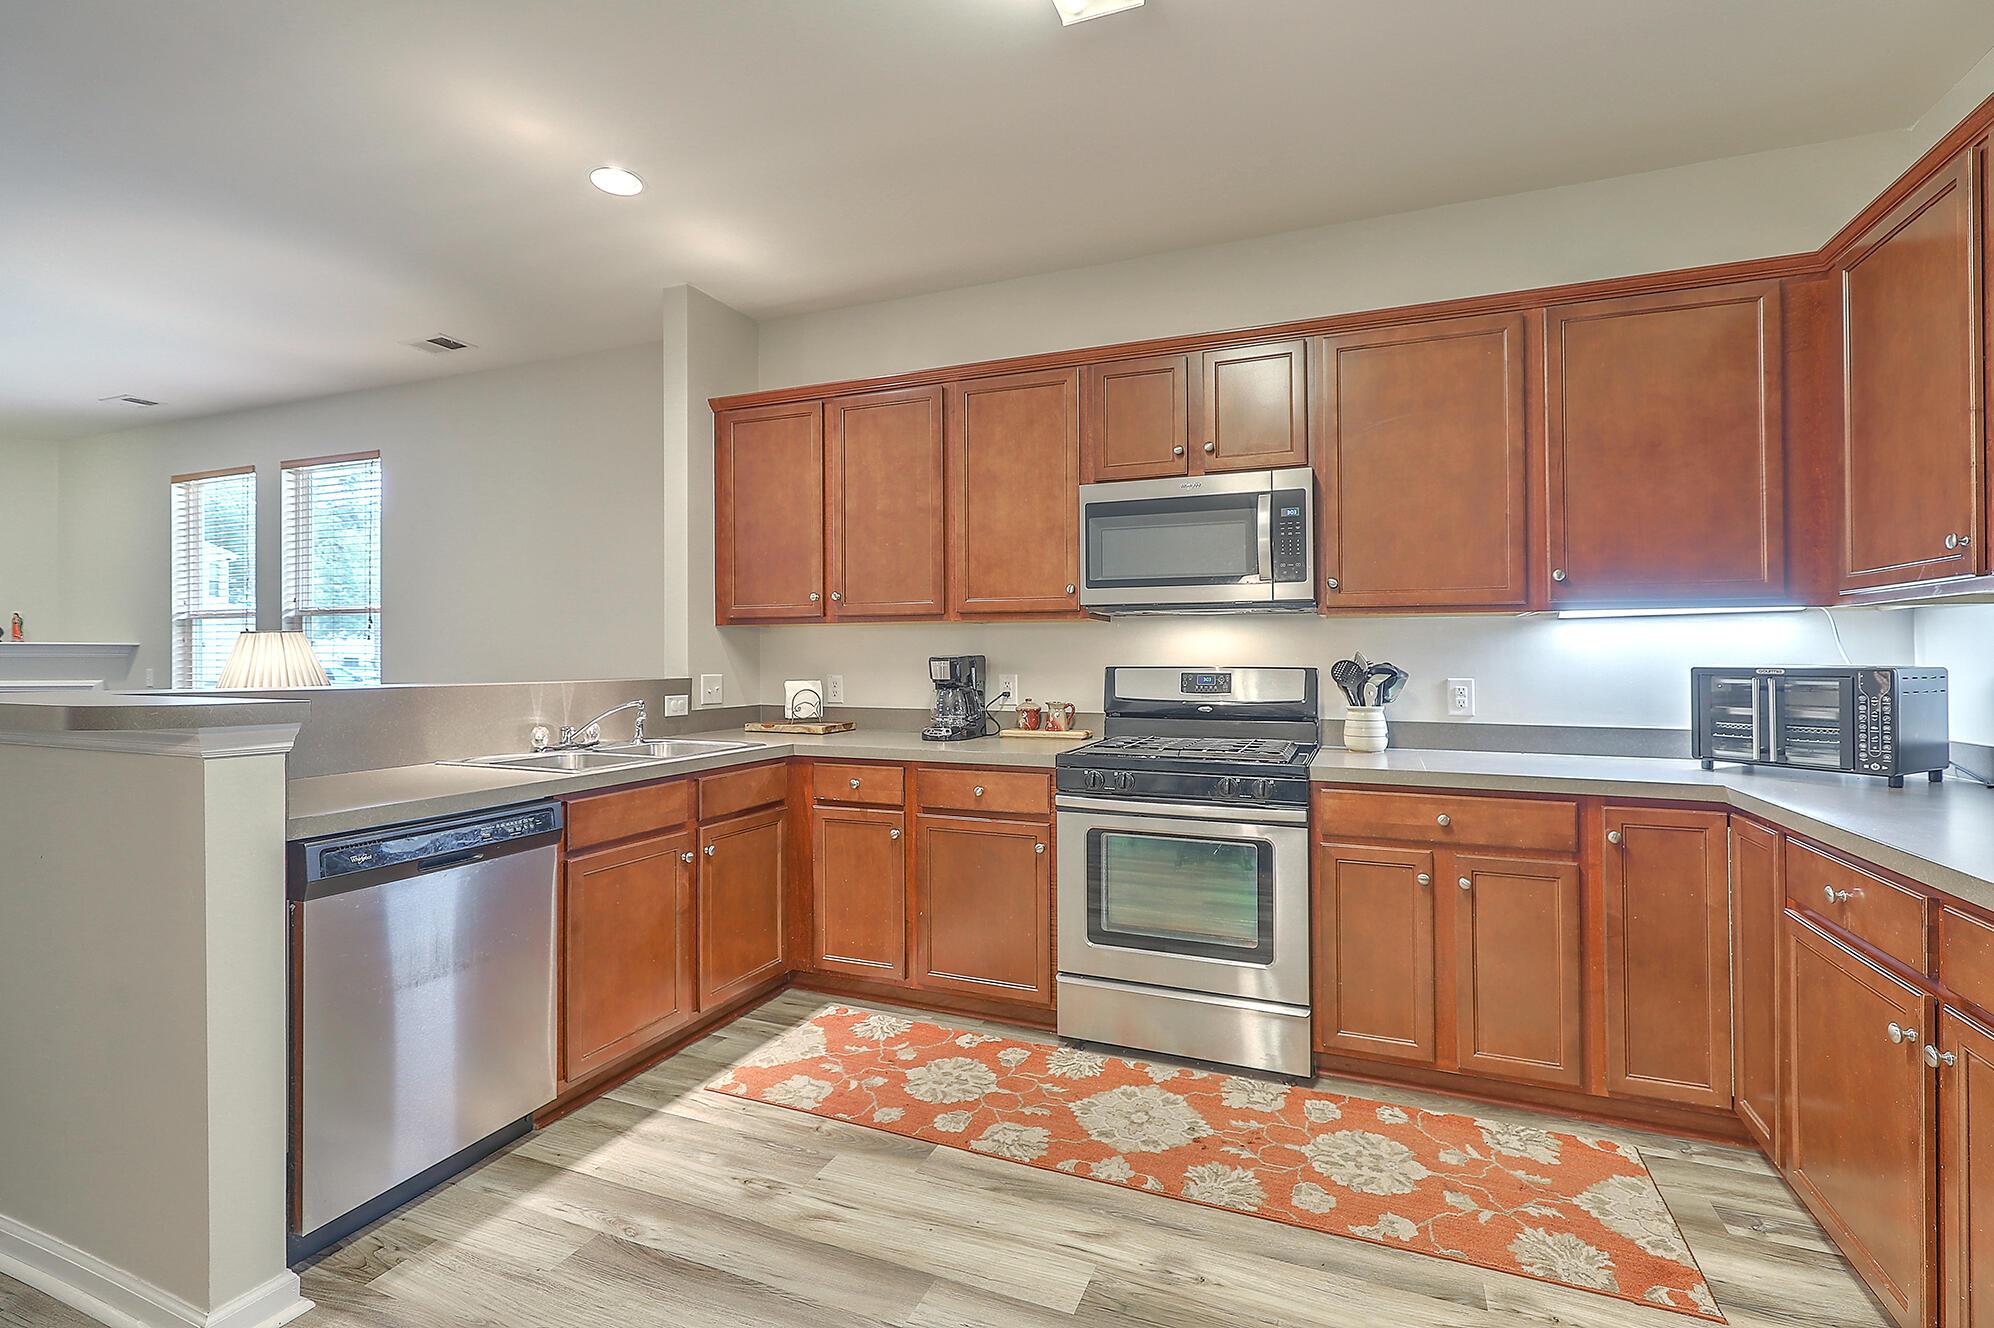 Lieben Park Homes For Sale - 3631 Franklin Tower, Mount Pleasant, SC - 3